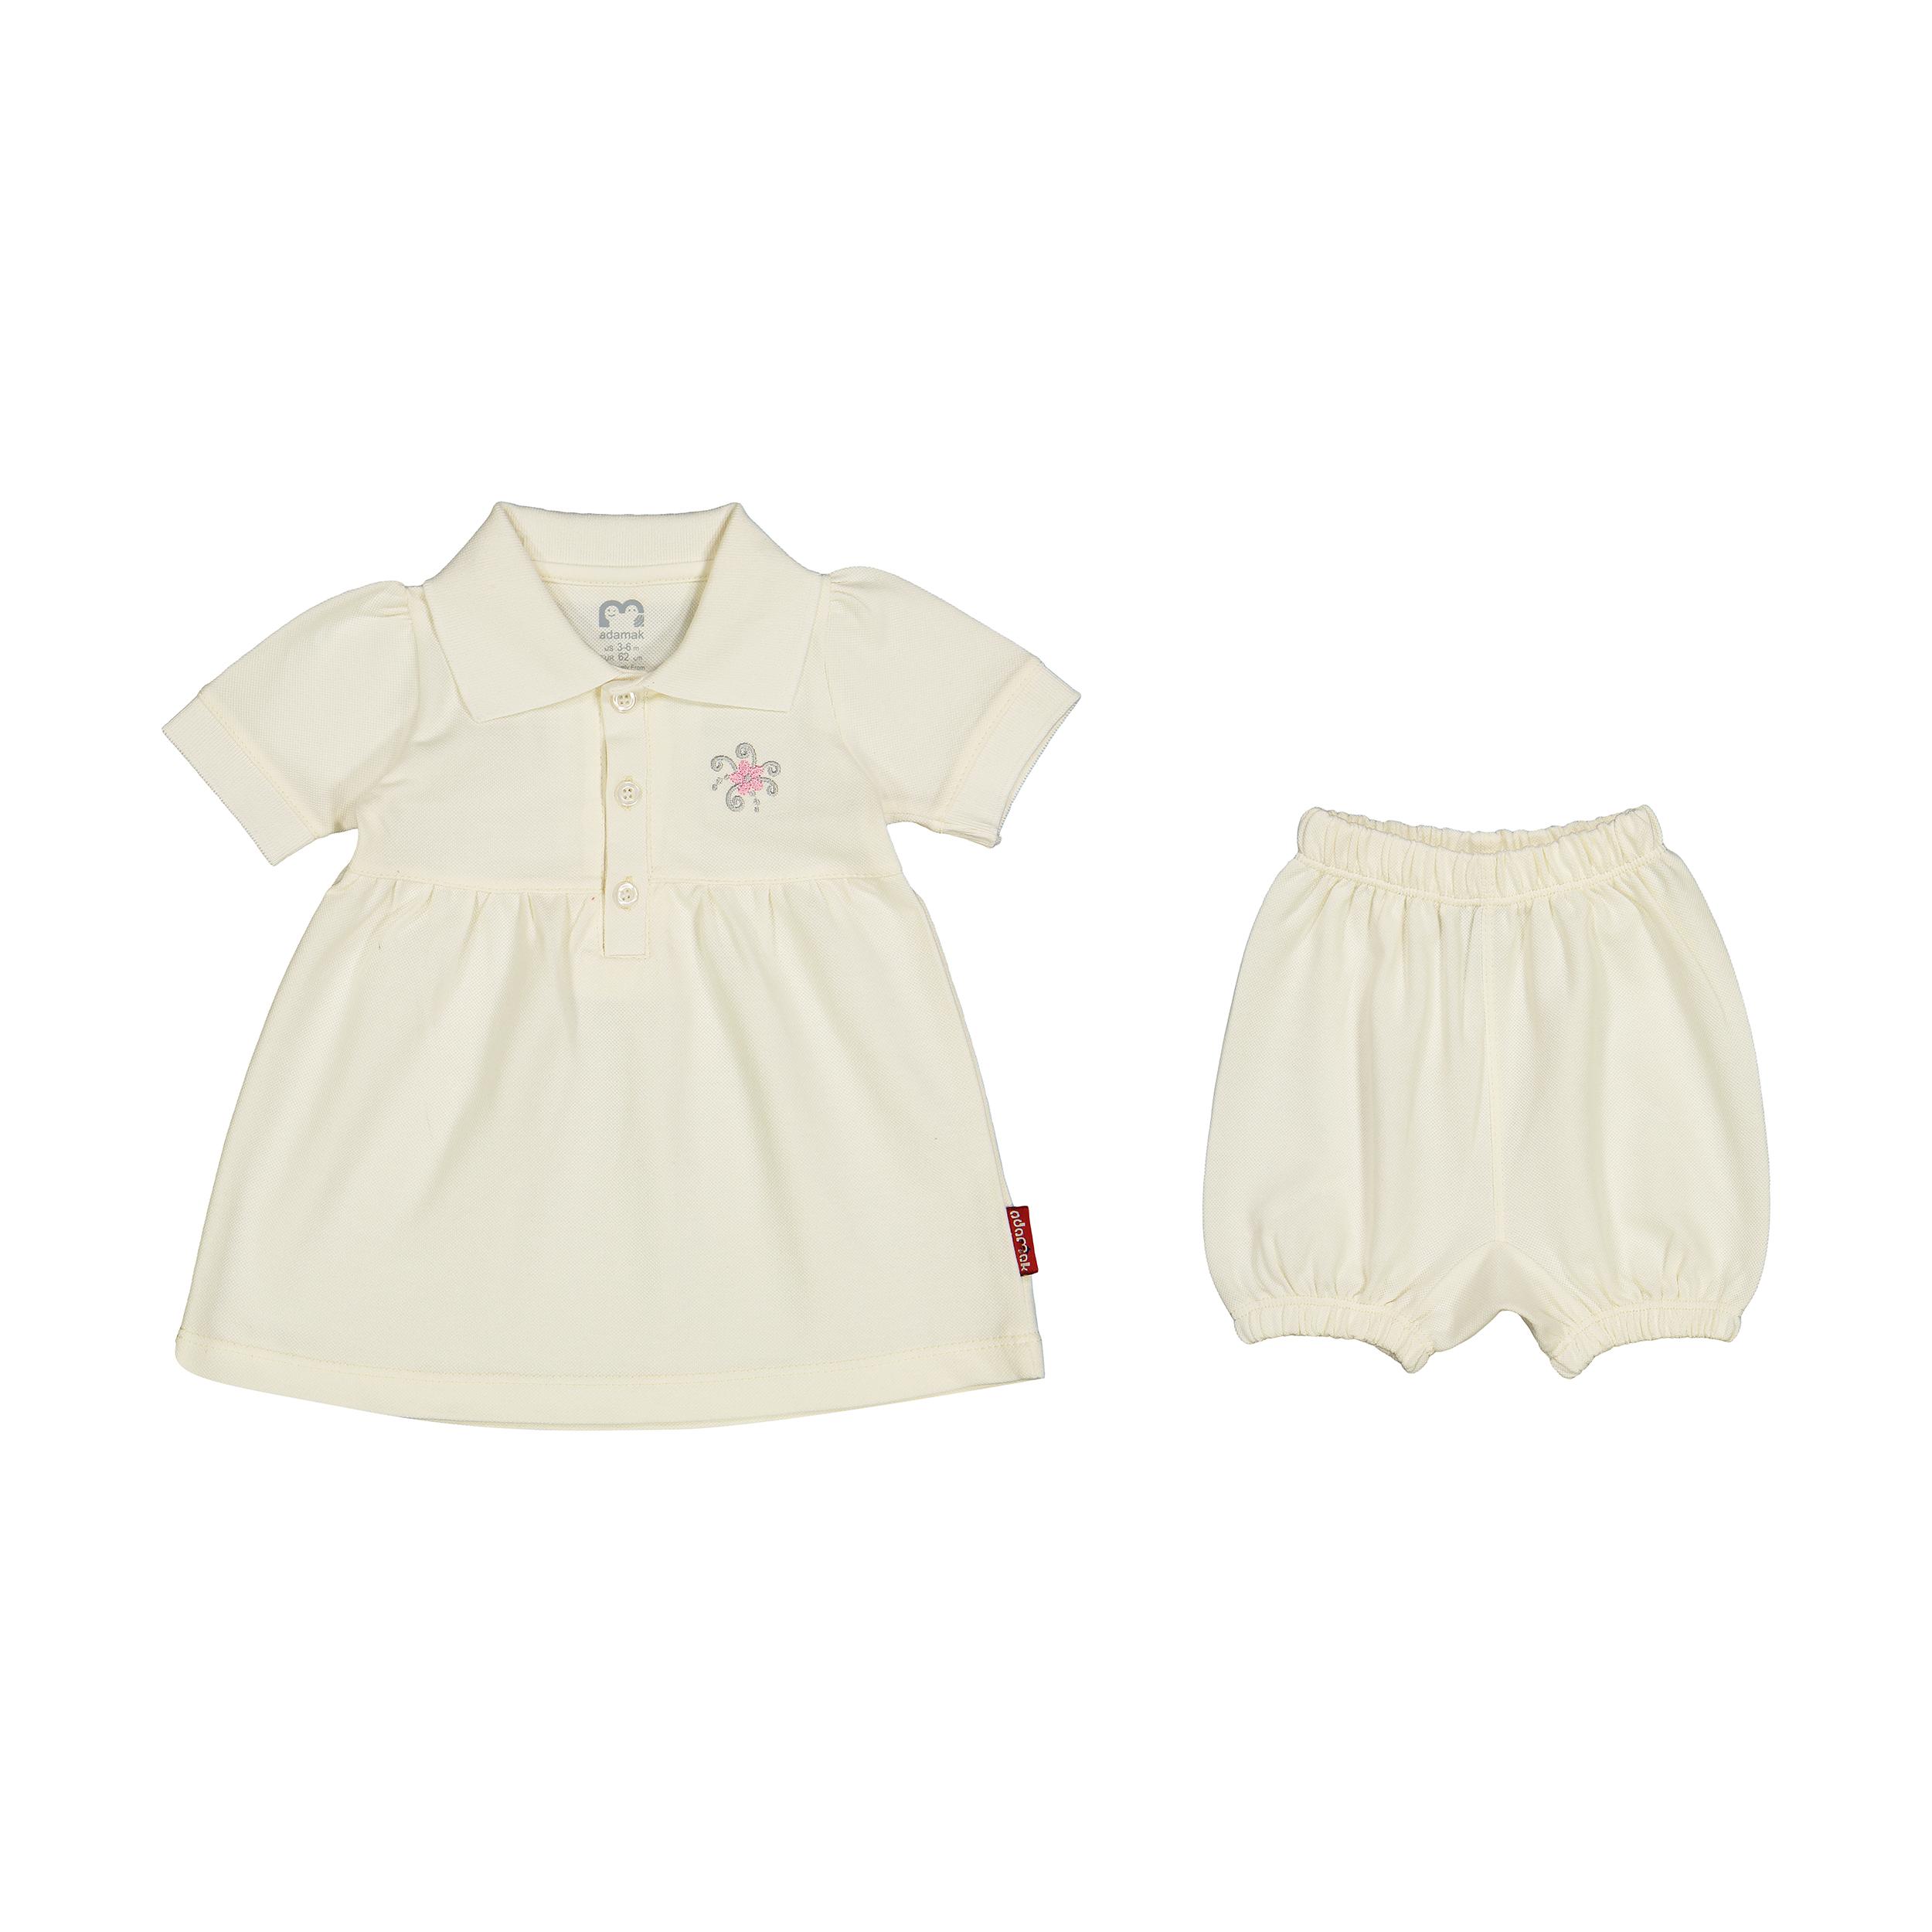 ست پیراهن و شلوارک دخترانه آدمک مدل 2171152-01